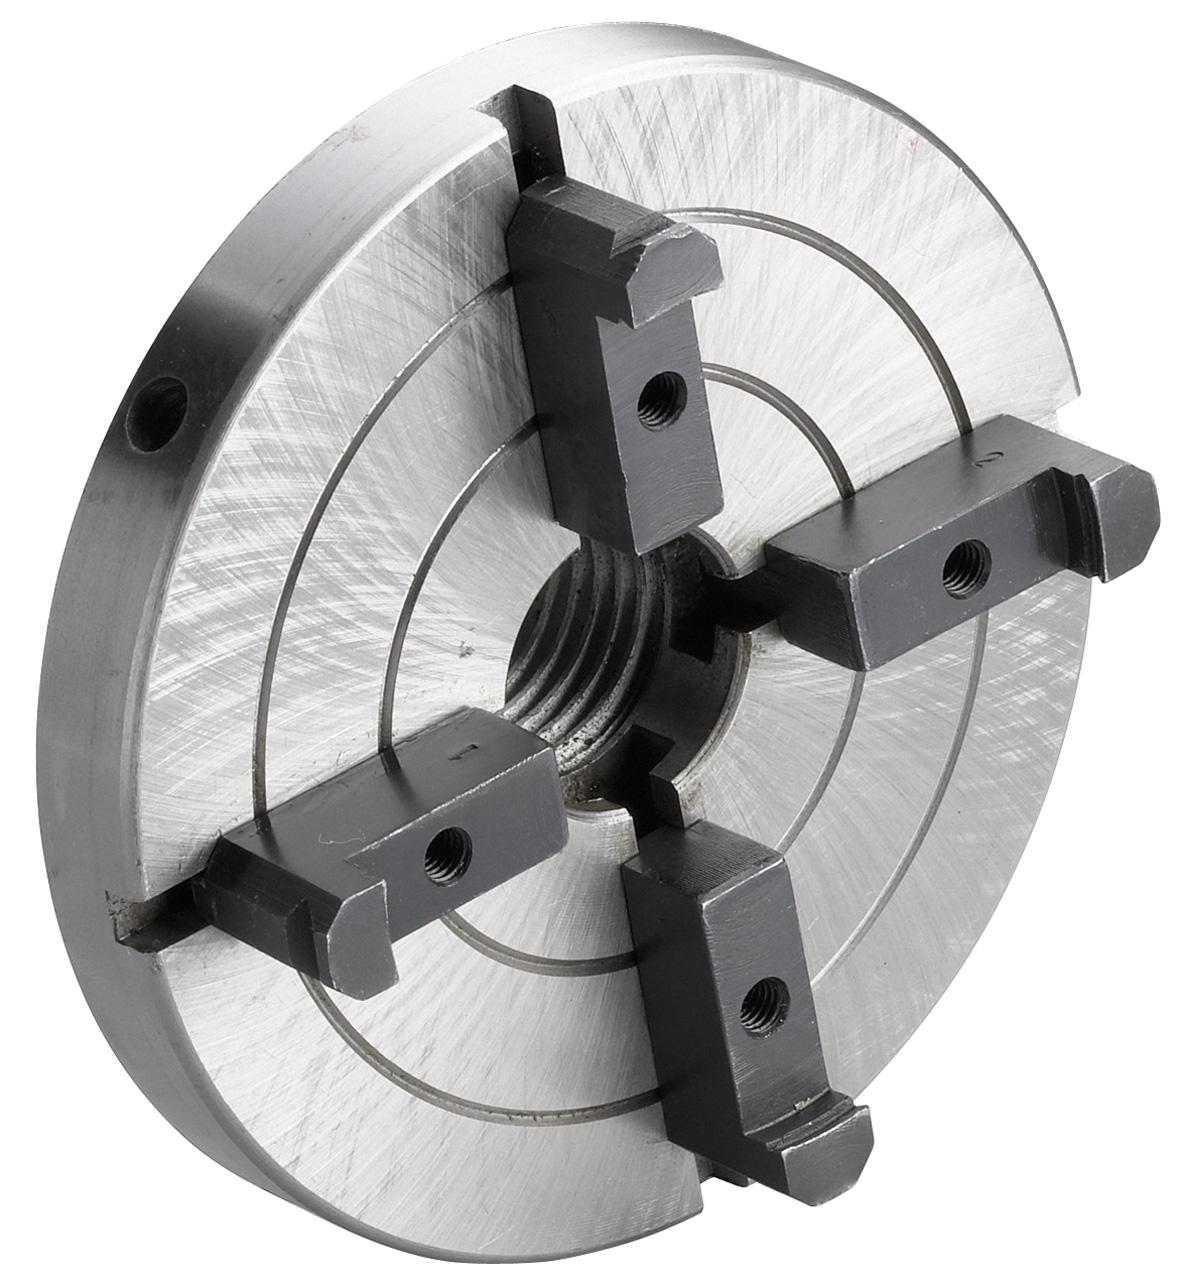 Uchwyt tokarski 4-szczękowy 150 mm / M 33 x 3,5 mm (niezależny) BERNARDO